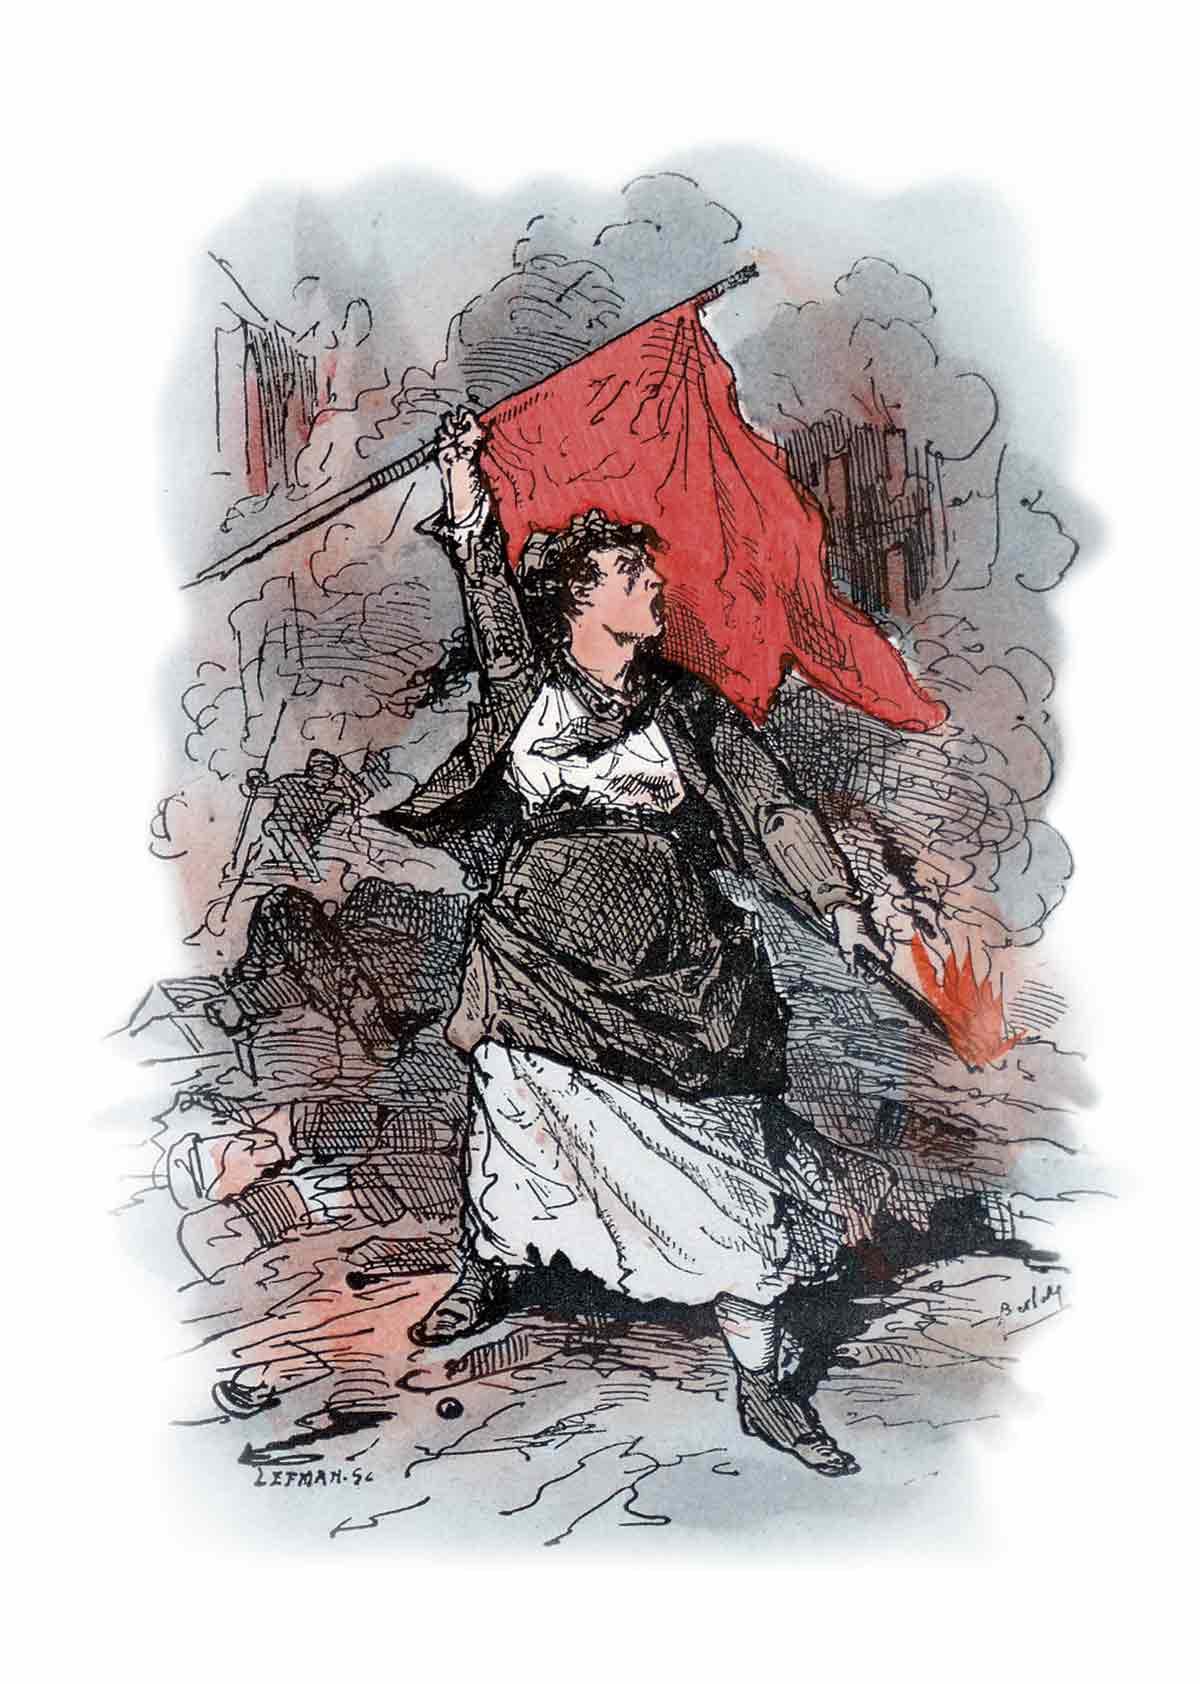 la bandera roja símbolo de la revolución socialista